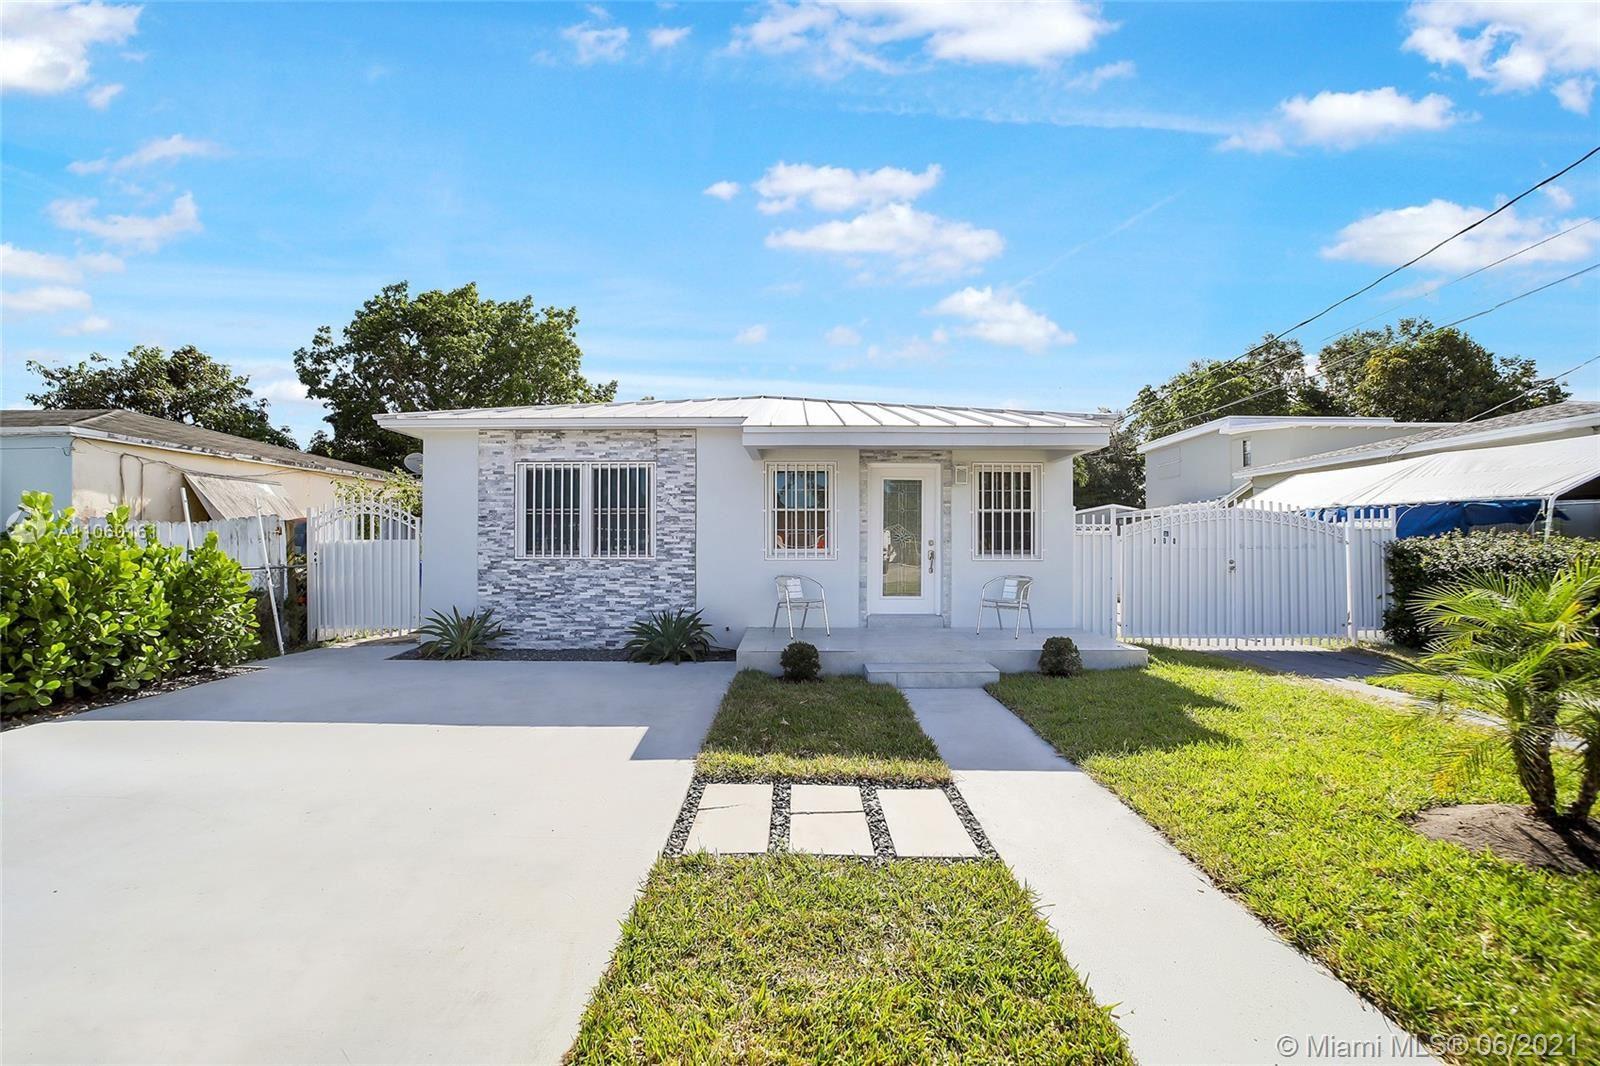 300 SW 64th Ave, Miami, FL 33144 - #: A11060161